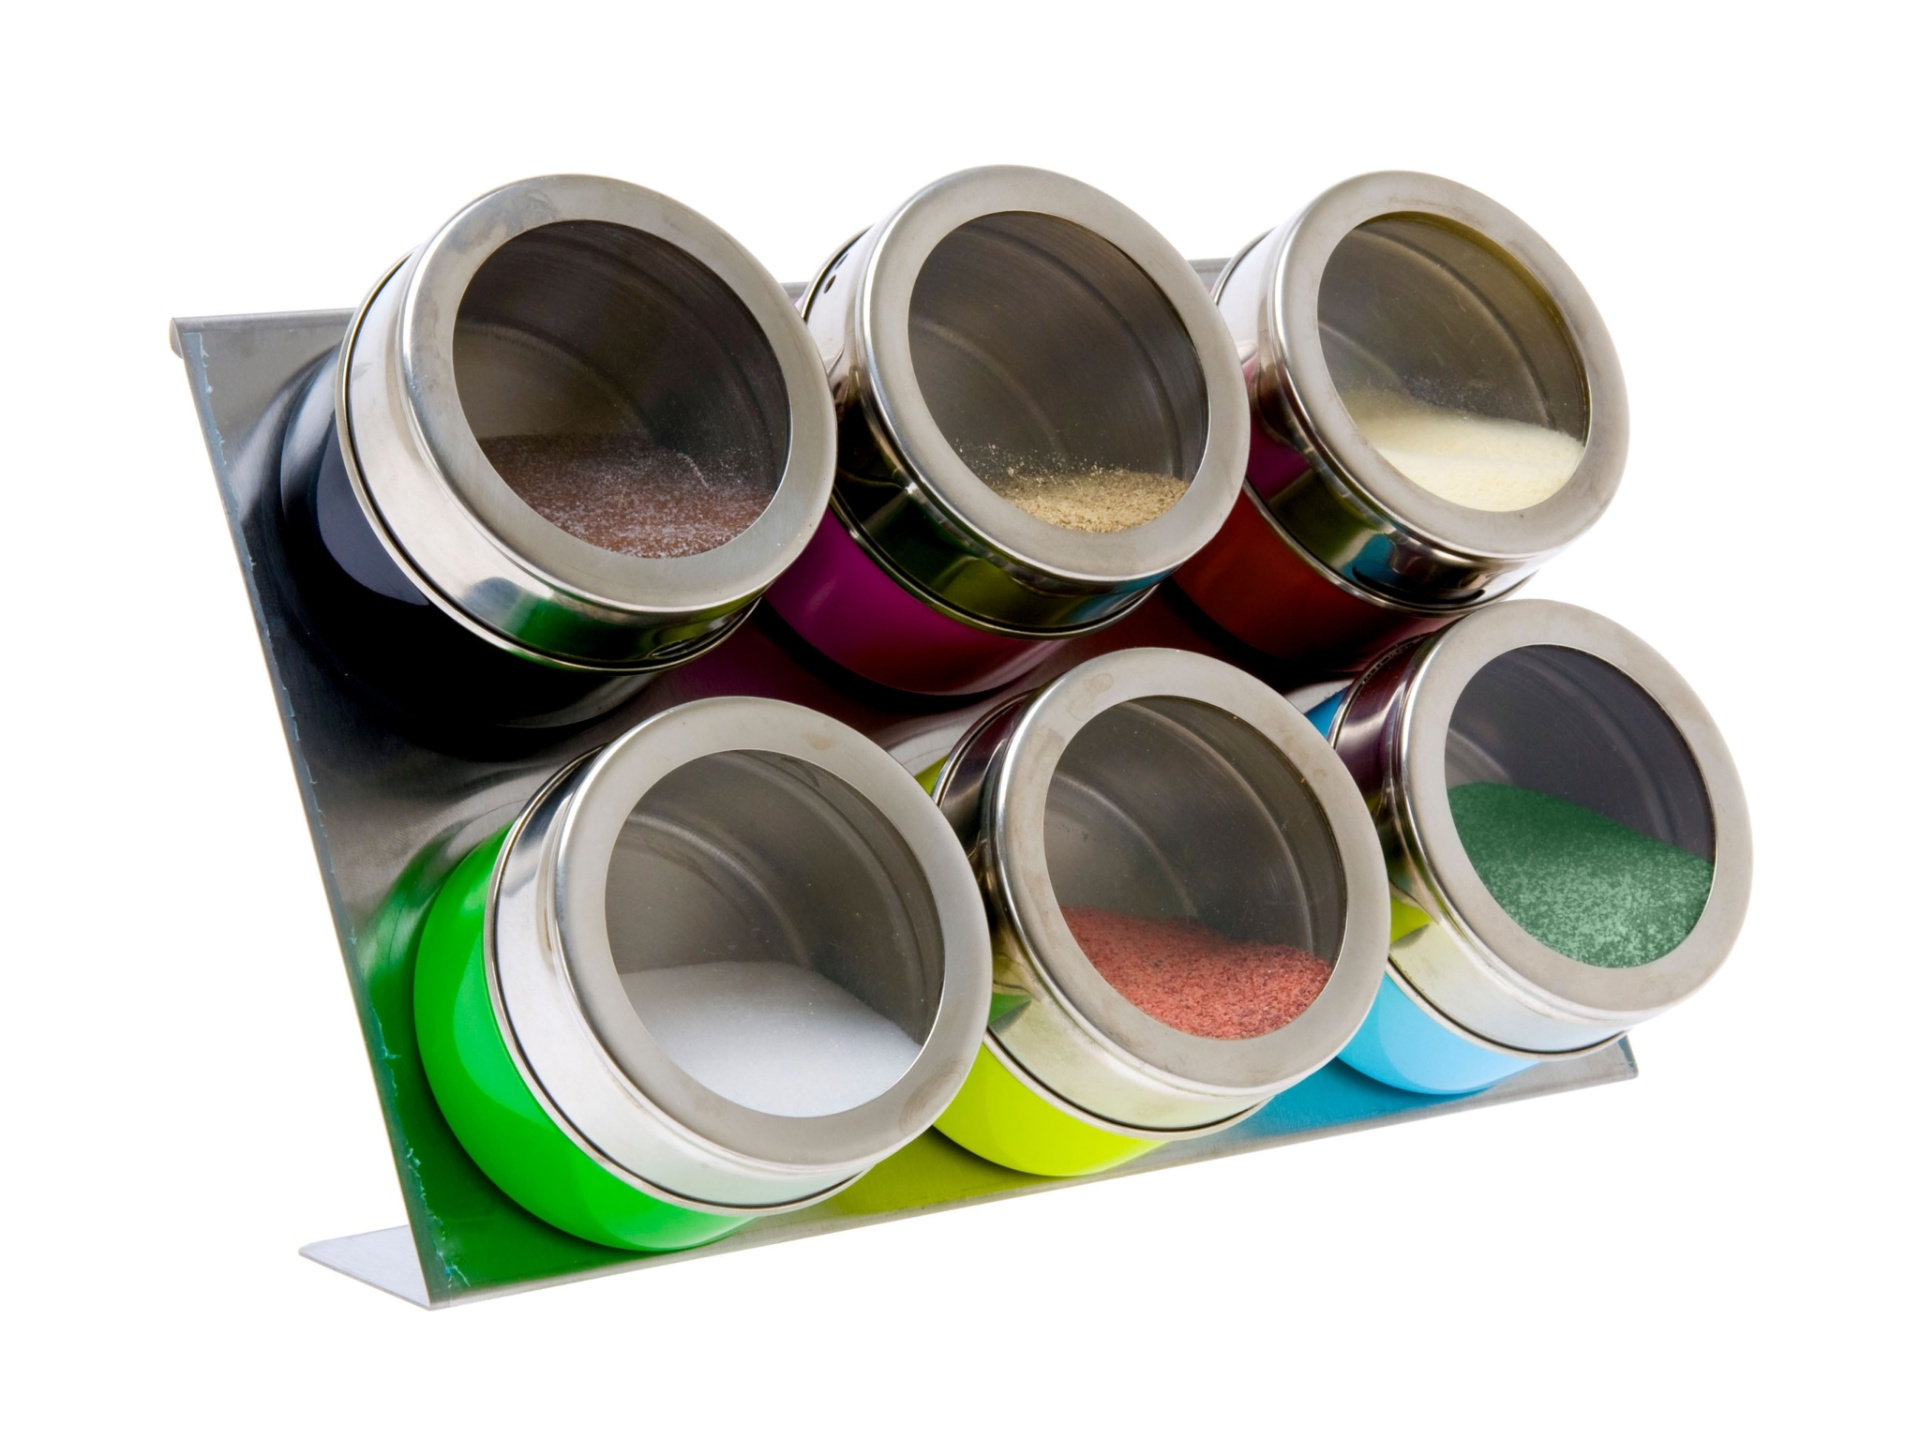 Os potes para temperos em mini latas são feitos de metal, apoiados em uma chapa de ímã. O item para cozinha está à venda na Amora Presentes (www.amorapresentes.com.br) por R$ 137,90 I Preços pesquisados em julho de 2014 e sujeitos a alterações